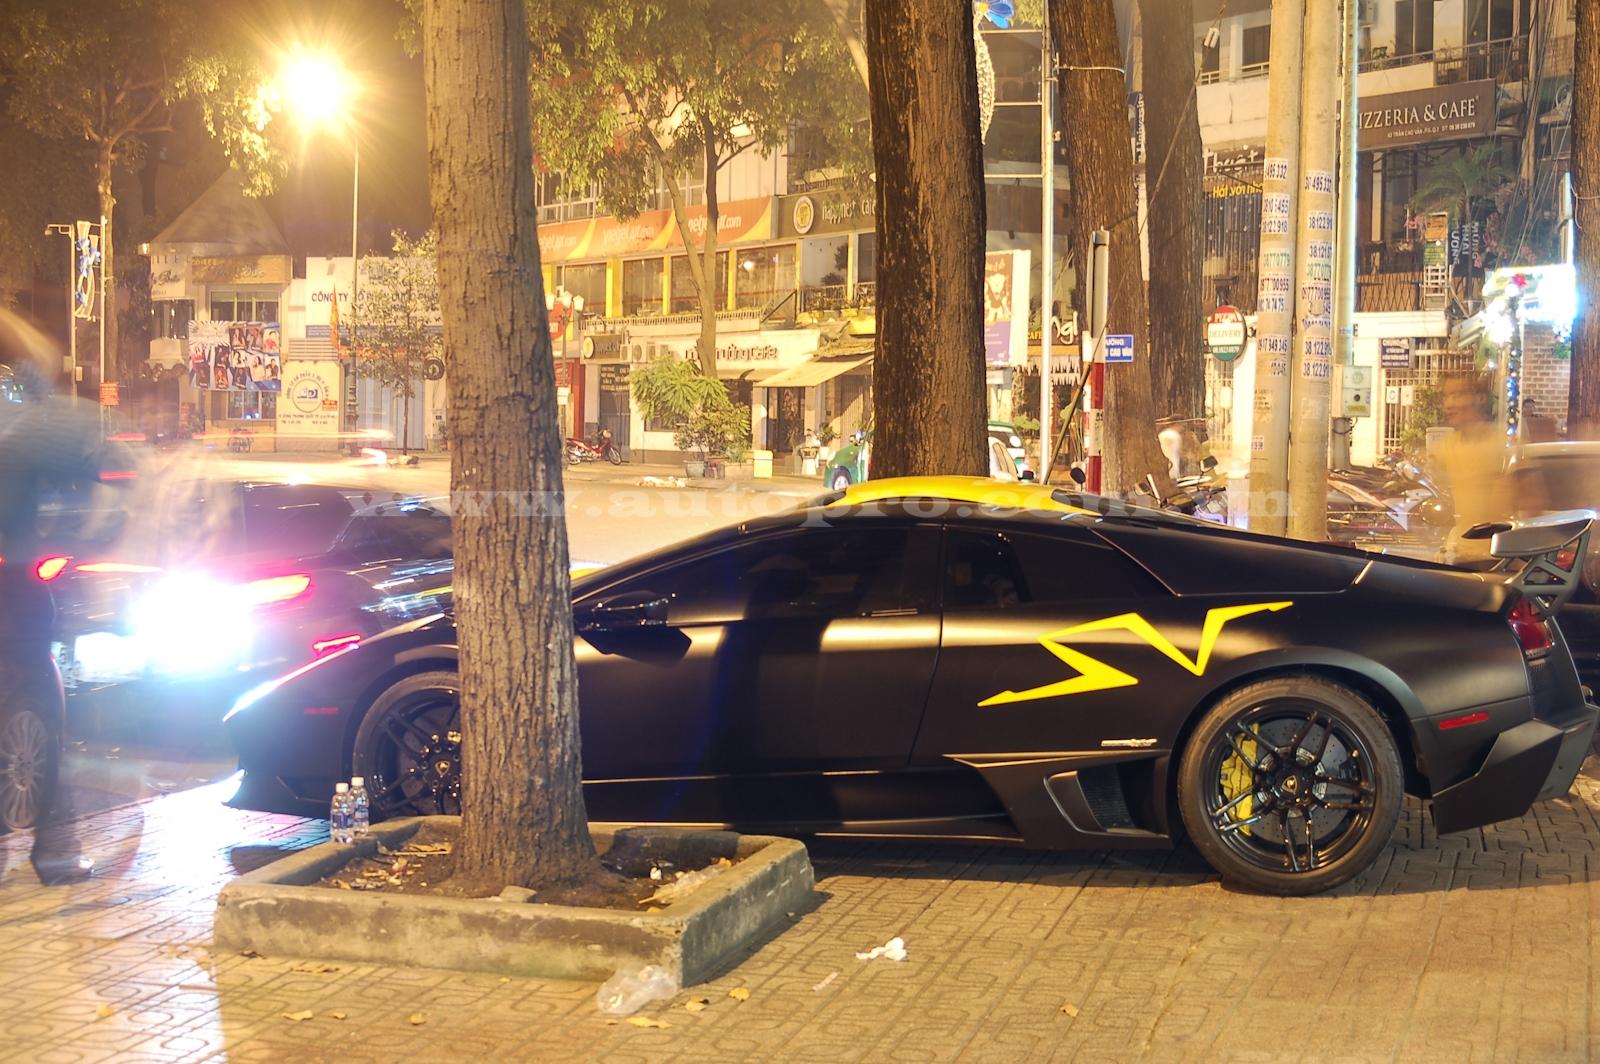 Không quá lời khi cho rằng chính chiếc siêu xe mang số thứ tự 46/350 chiếc được sản xuất trên toàn thế giới đưa tên tuổi vả địa vị trong giới chơi xe của Minh Nhựa nhảy vọt lên hàng lão đại cùng với Cường Đô-la.